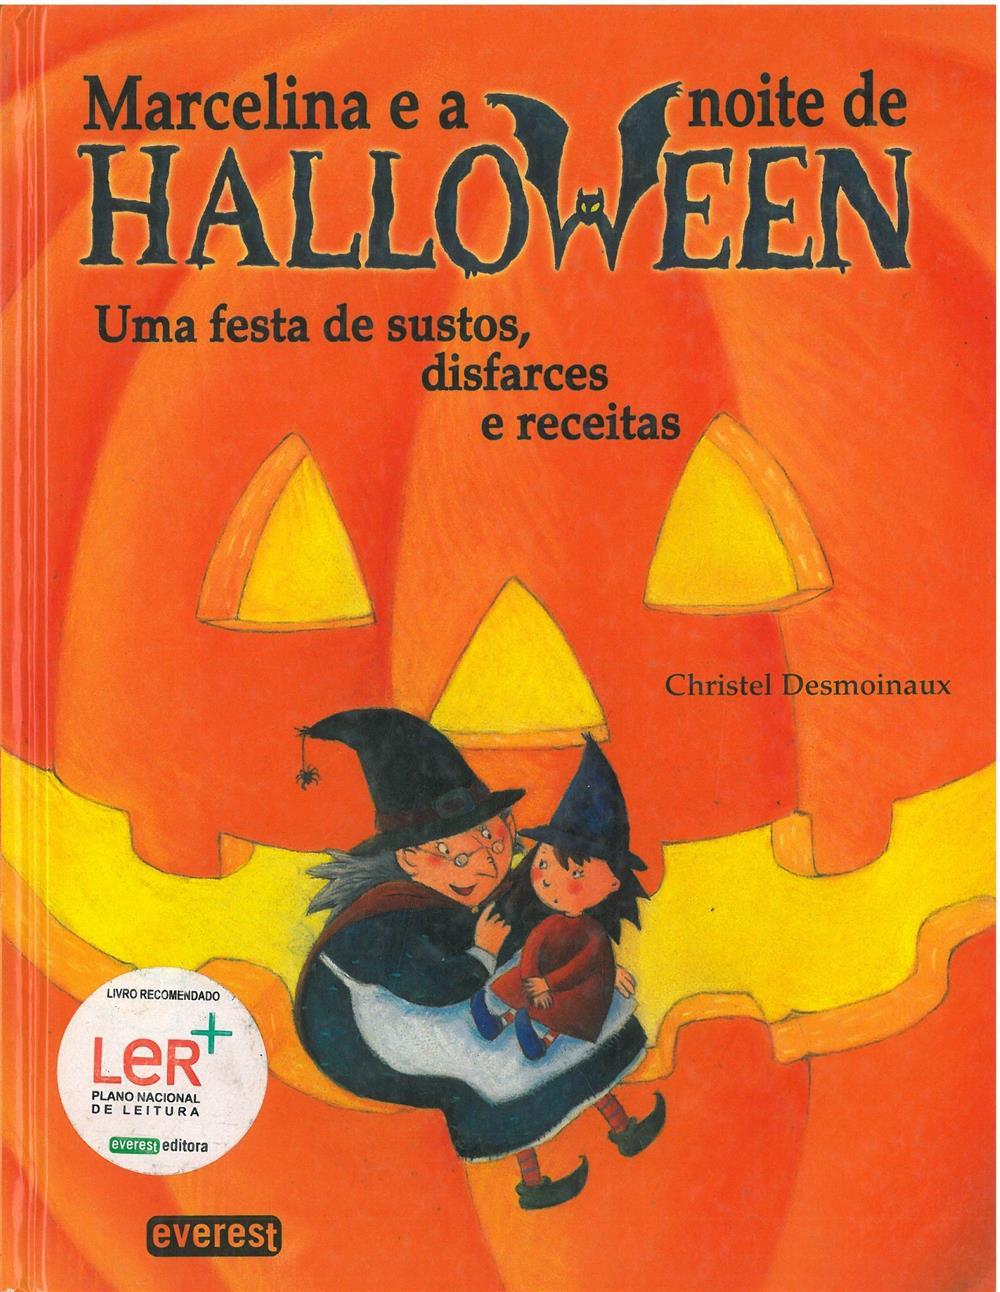 Marcelina e a noite de Halloween_.jpg